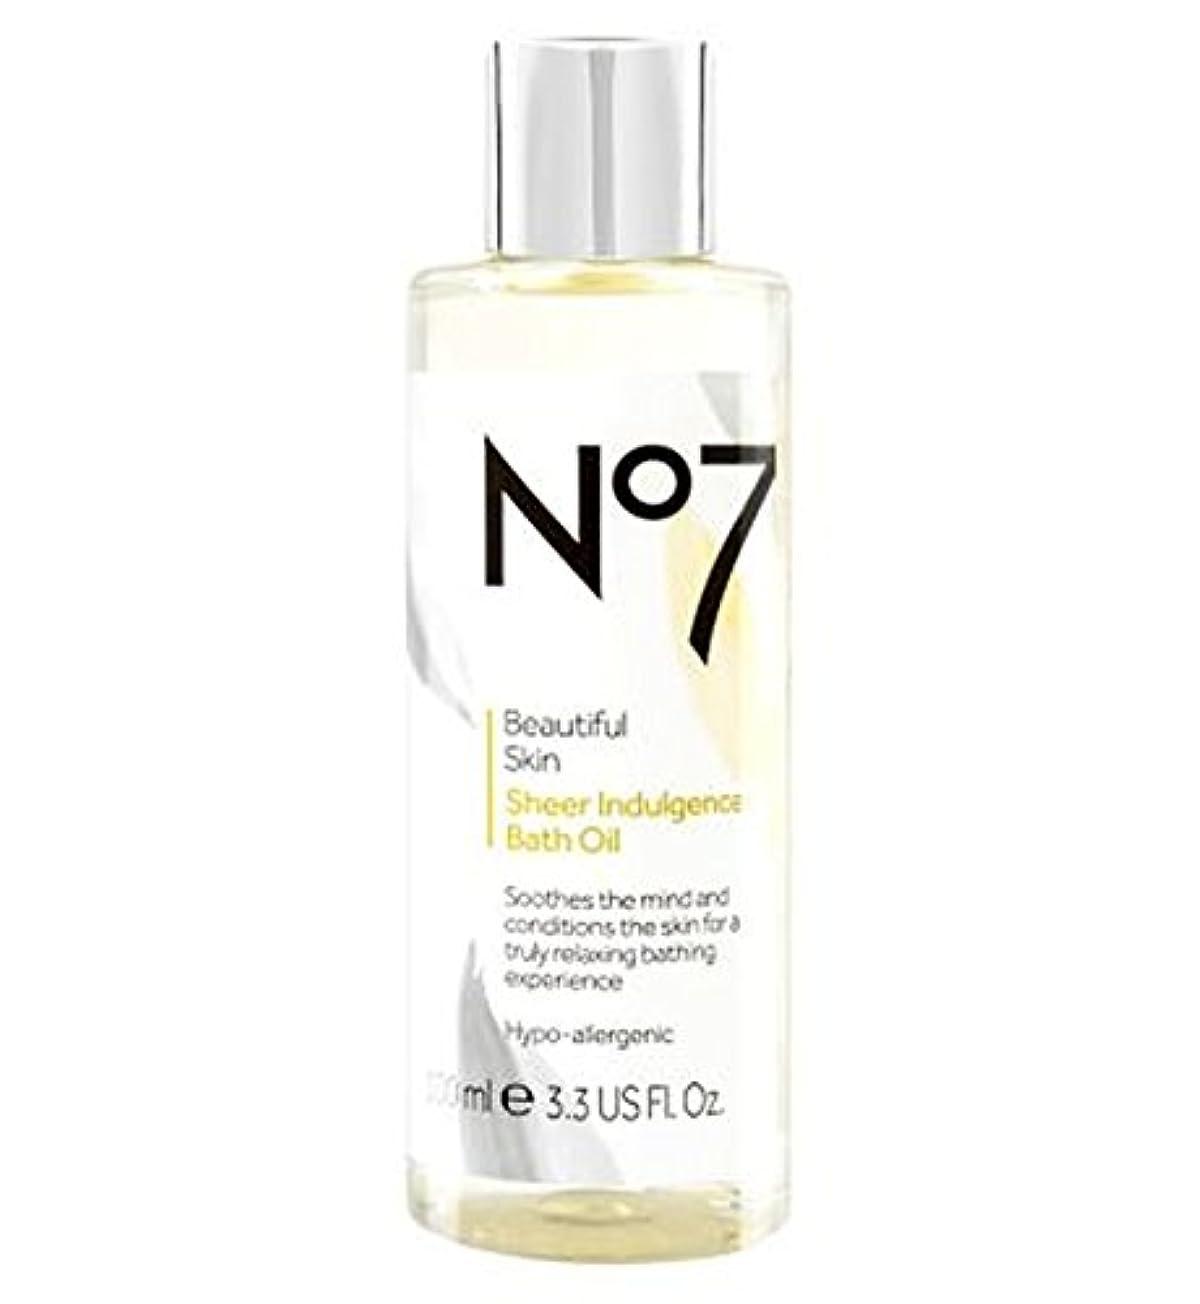 偶然のグリット連続的No7 Beautiful Skin Sheer Indulgence Bath Oil - No7美しい肌透け耽溺のバスオイル (No7) [並行輸入品]